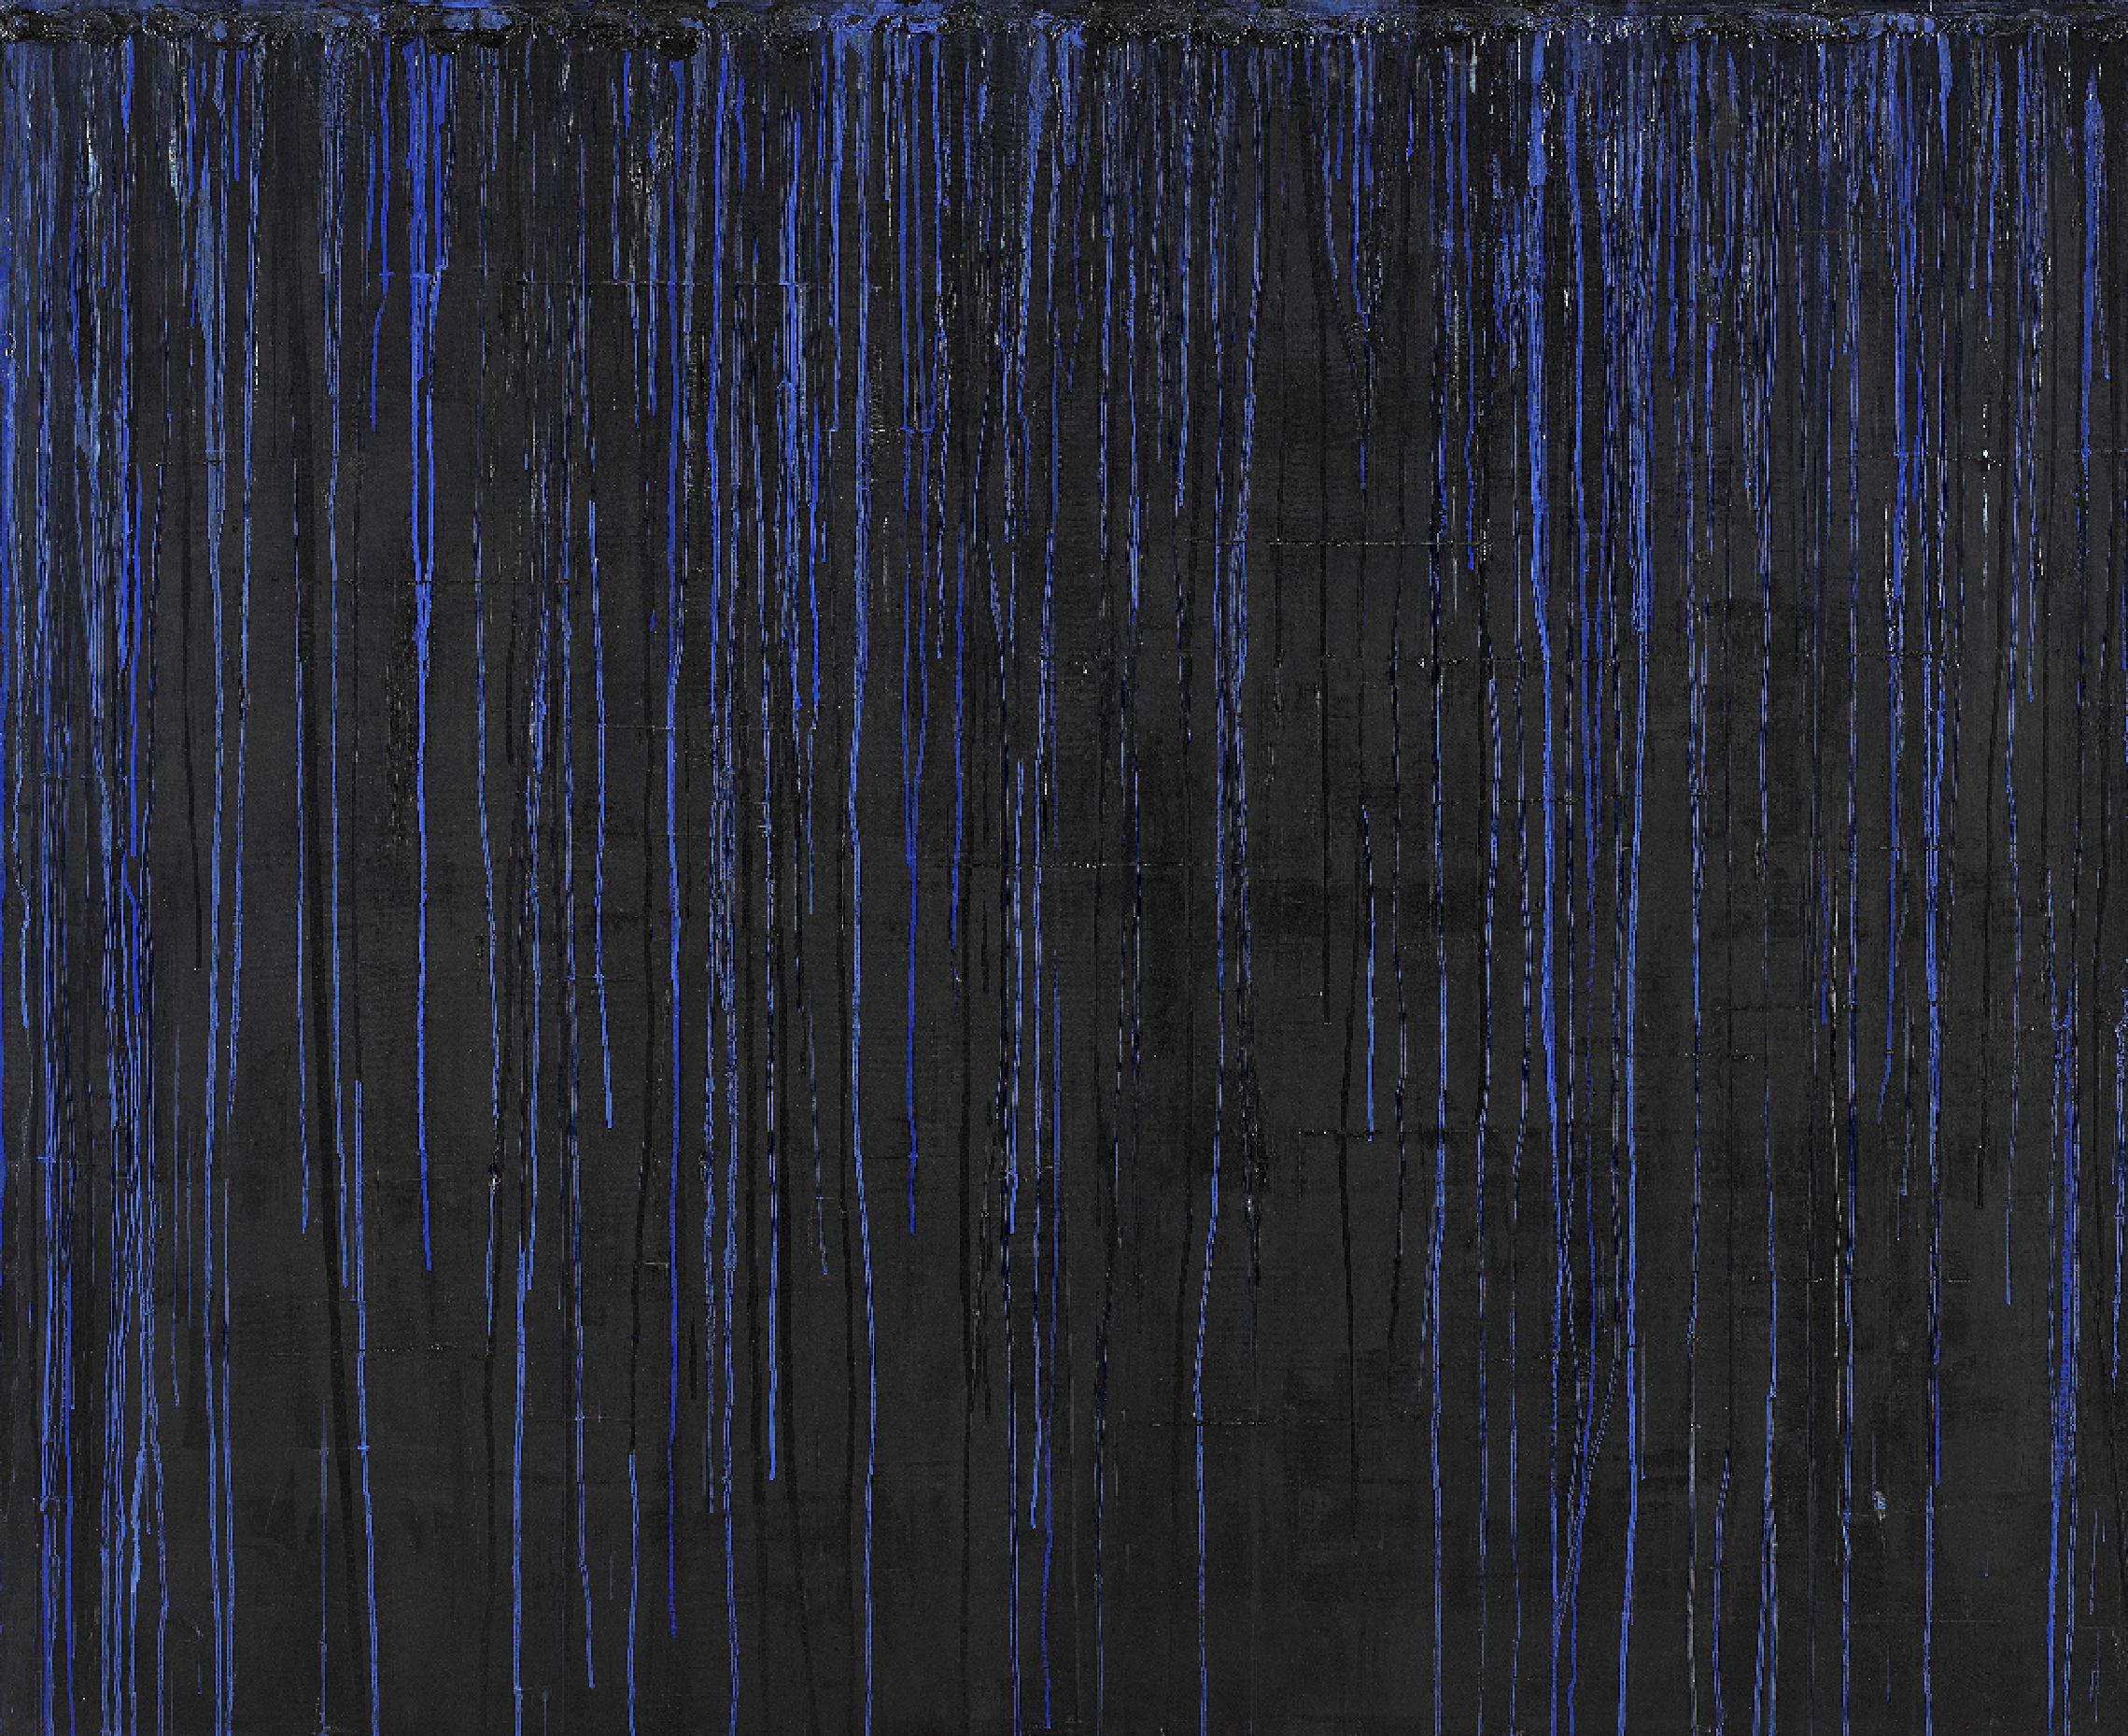 Isimsiz T.yb 130x160cm 2010